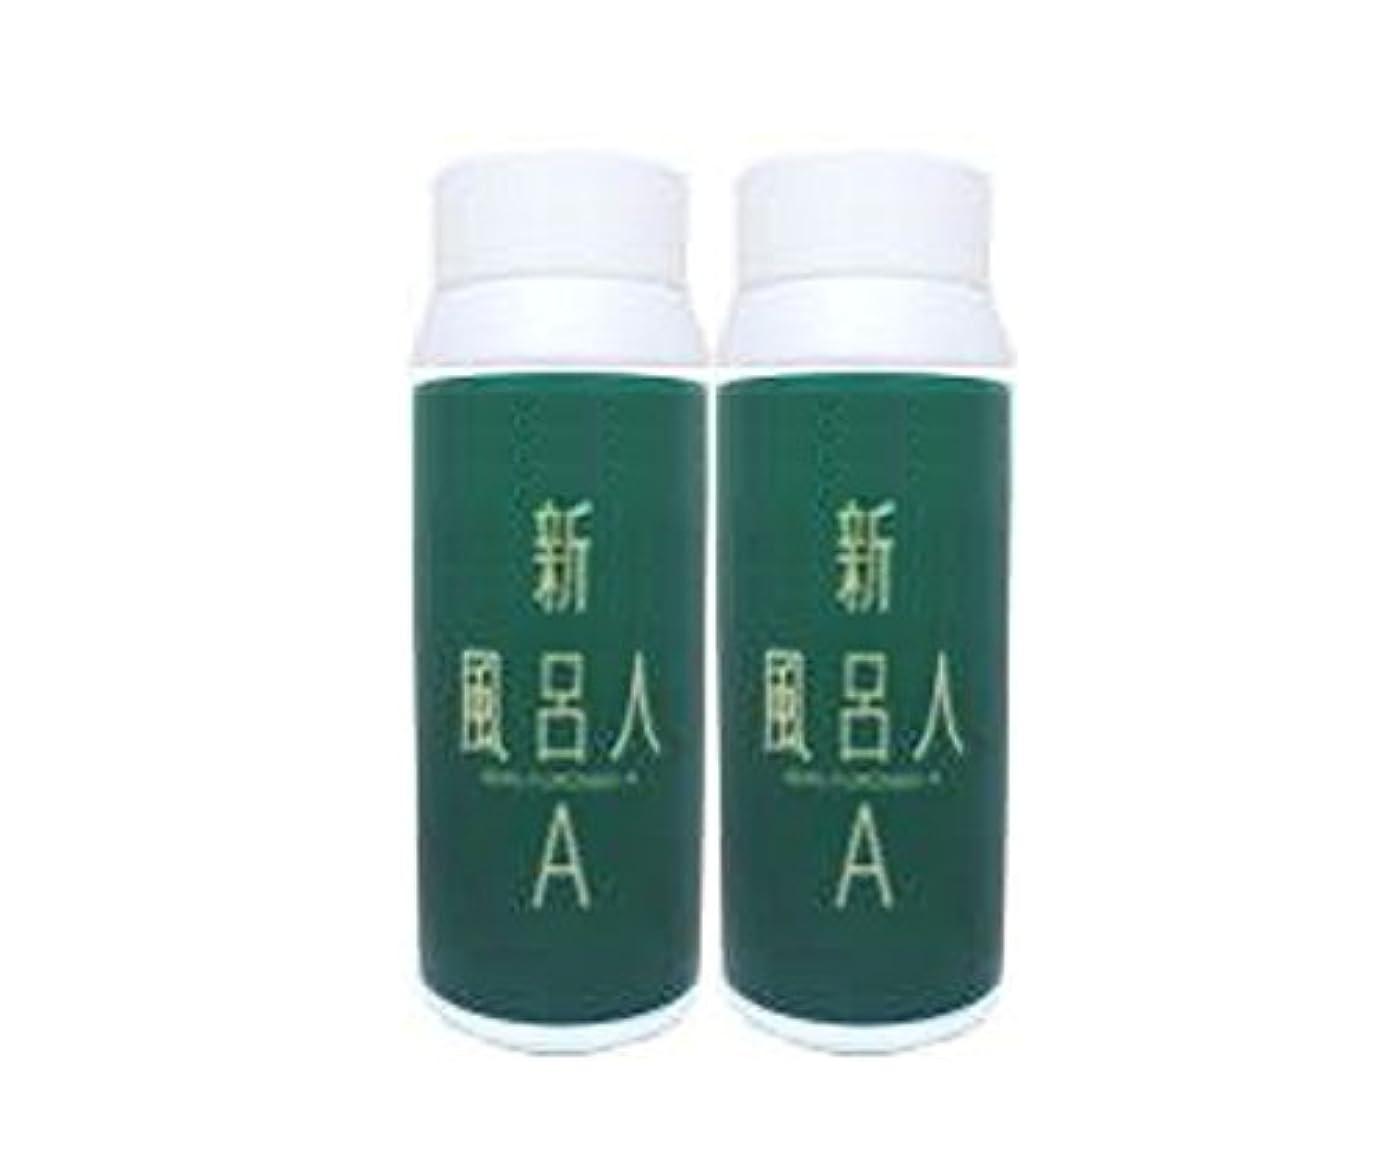 24時間風呂用 入浴剤 新フロンドA 1000g 【2本セット】